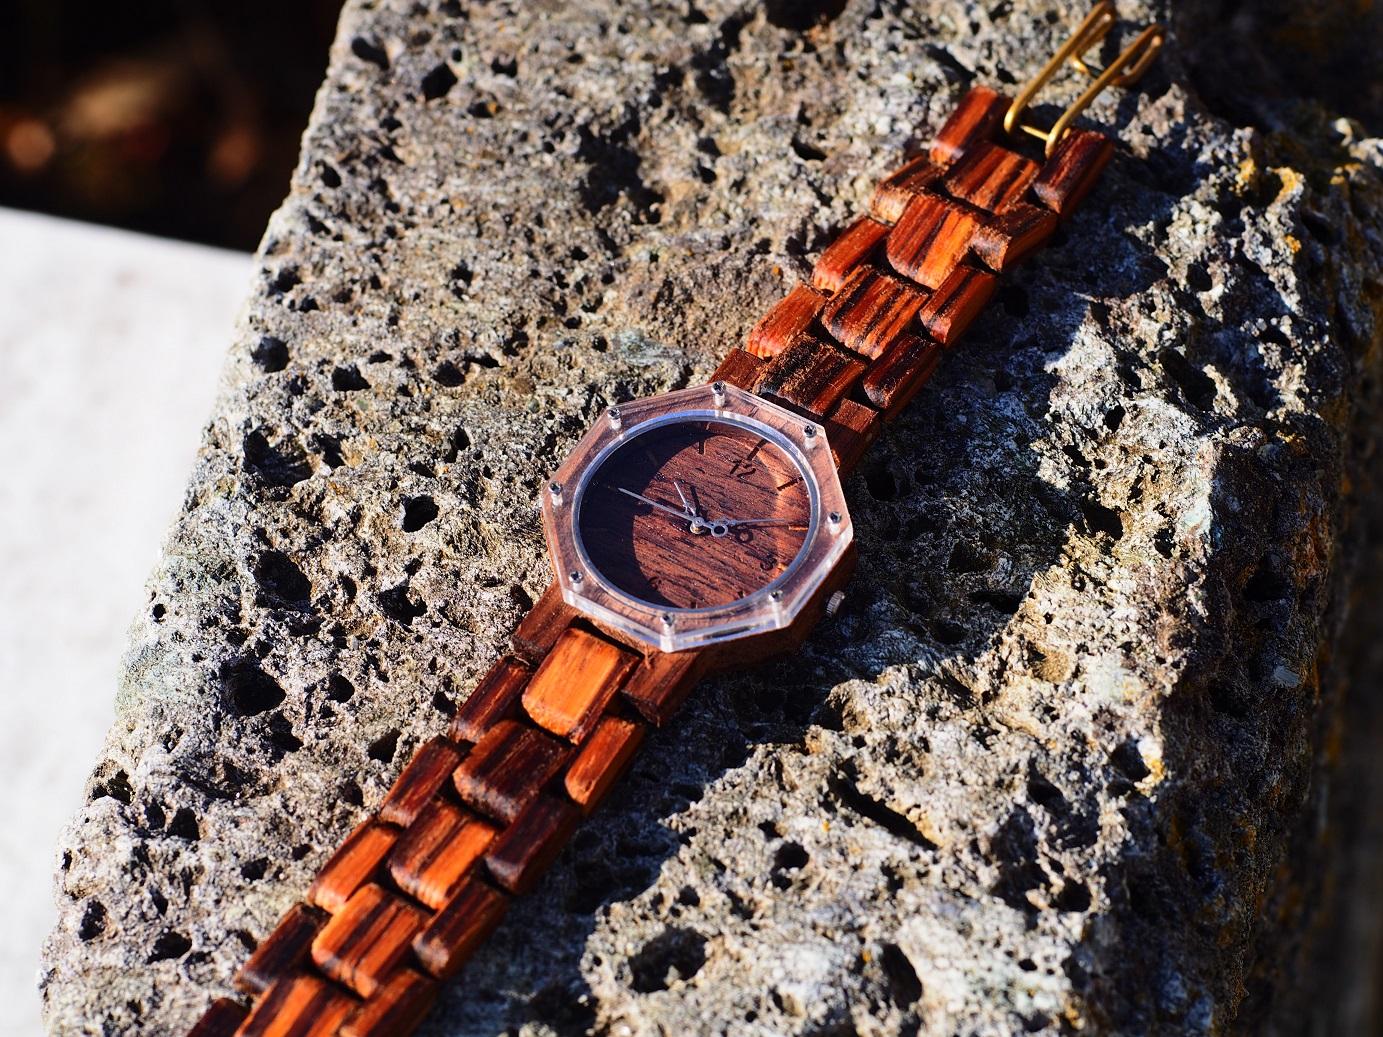 初の試み、風水学でも吉とされる八角形の腕時計